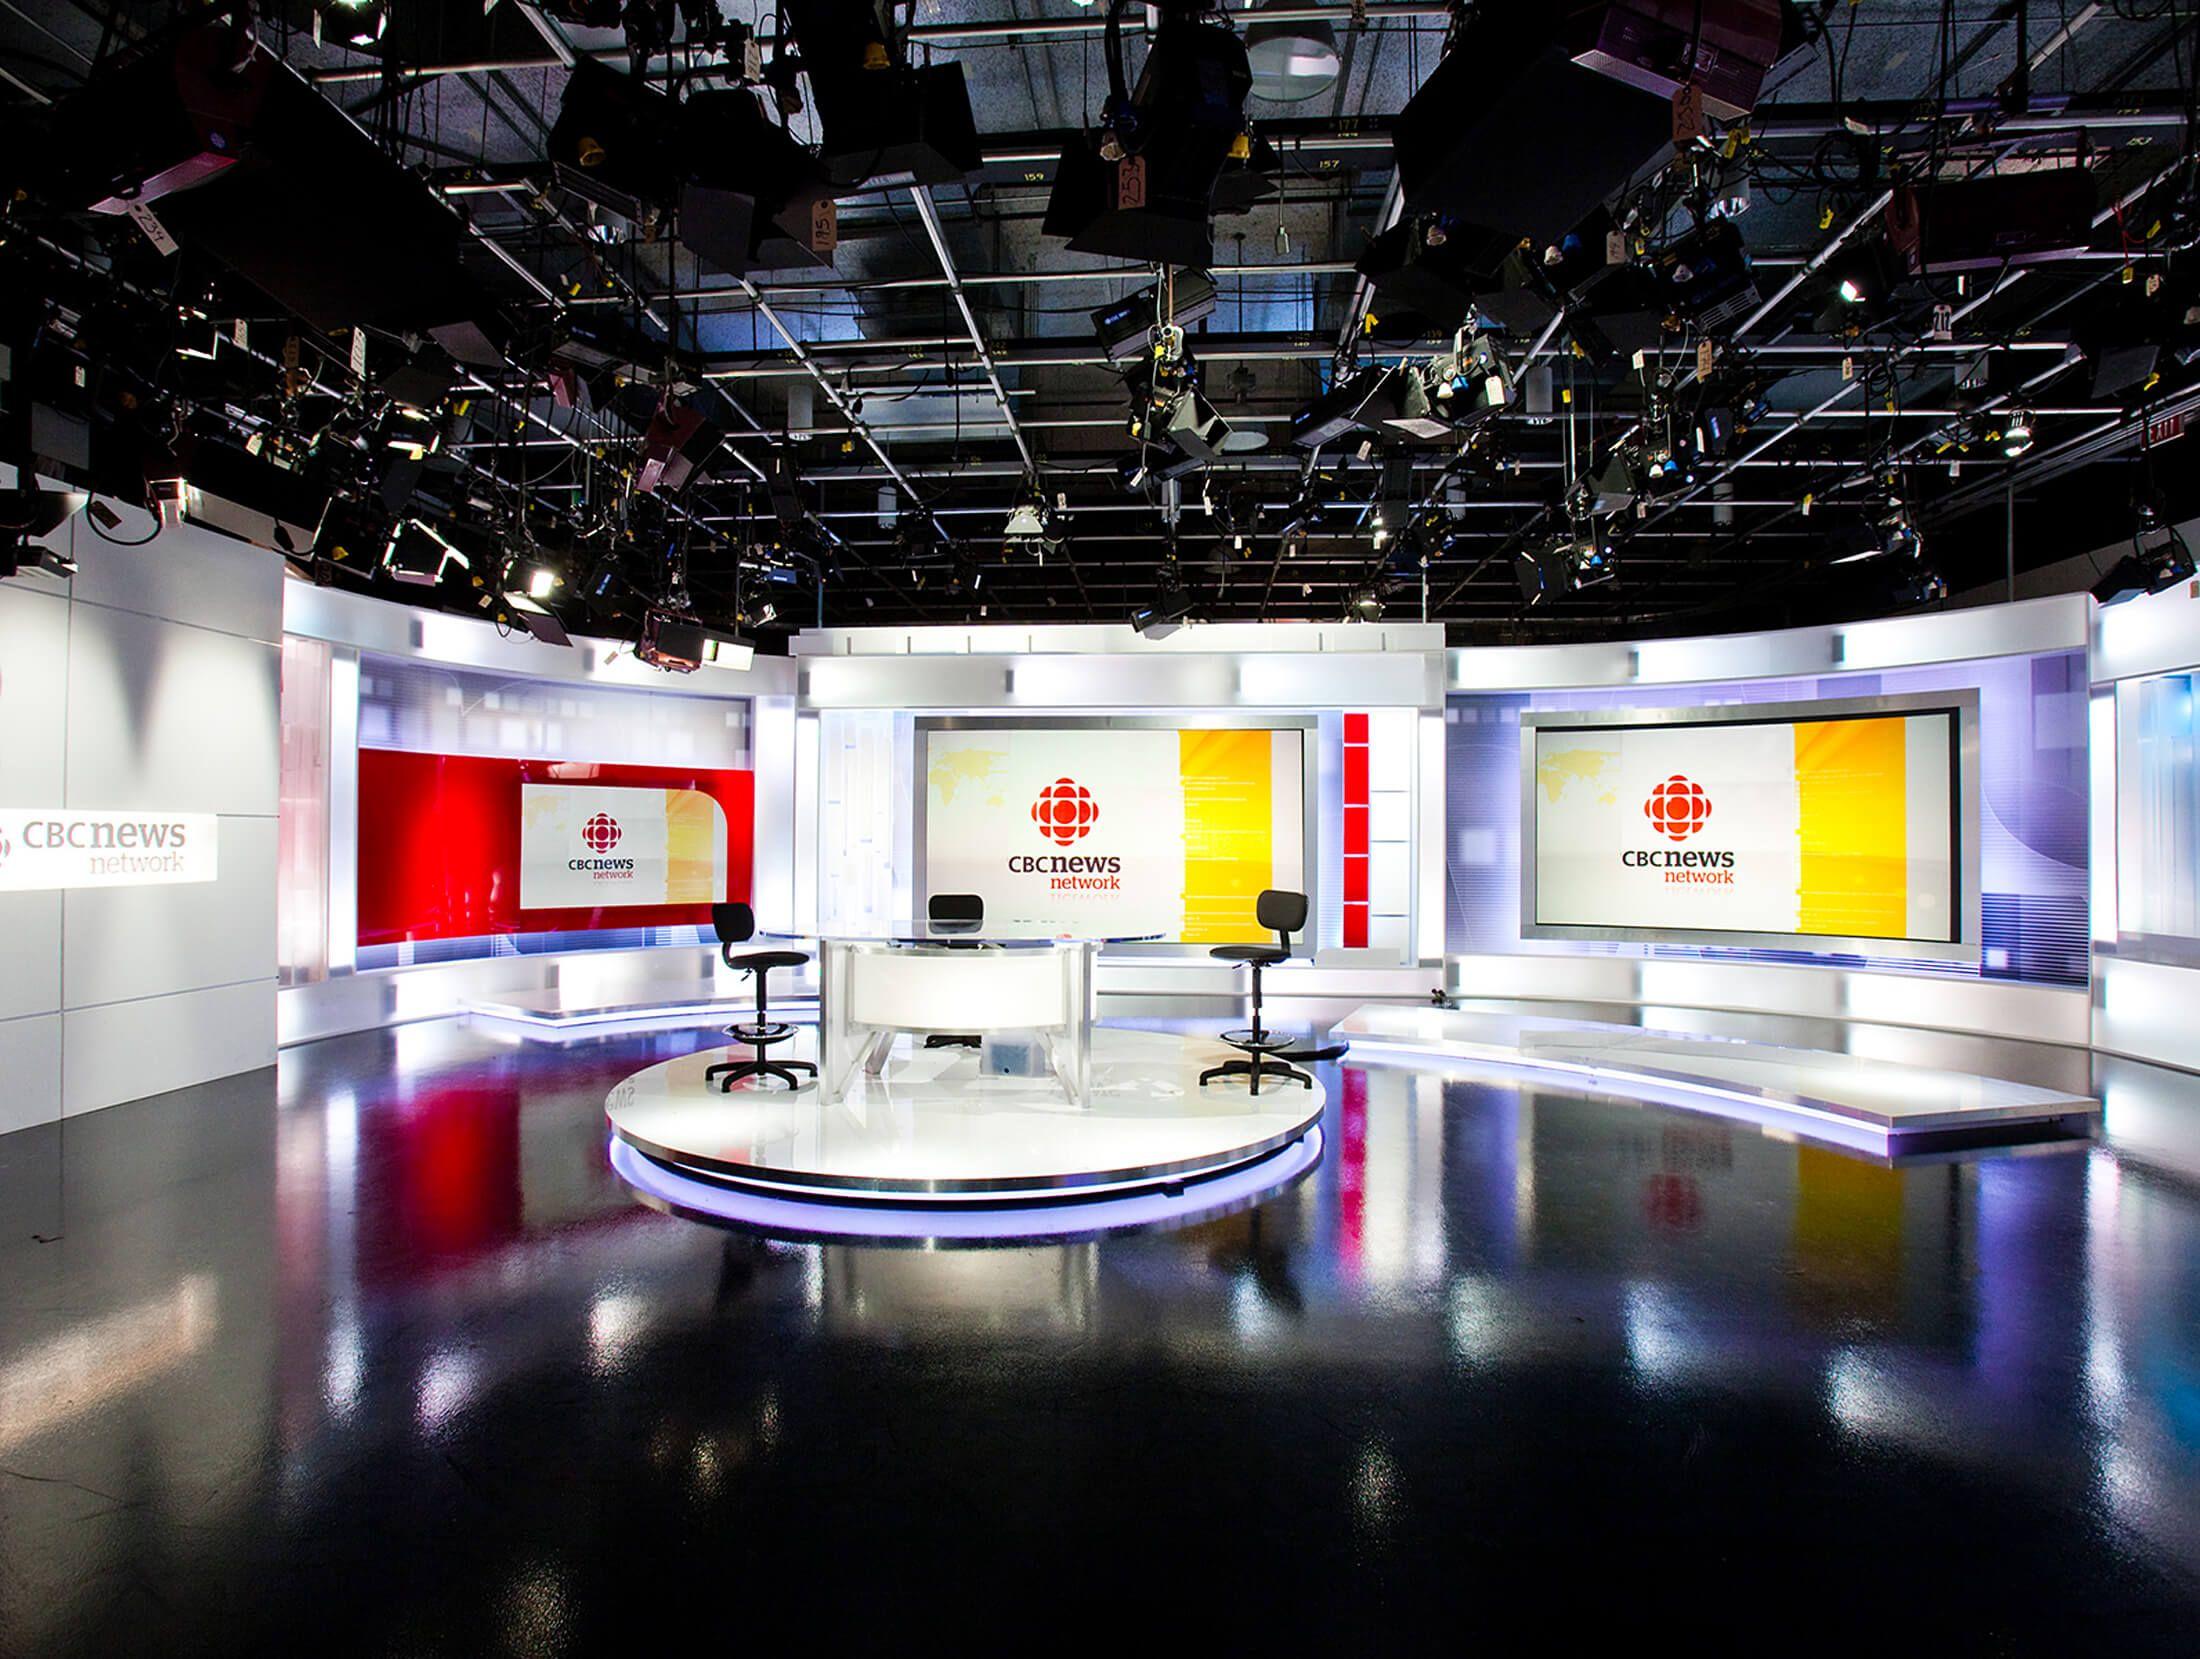 CBC News Network Artform Tv set design, Tv decor